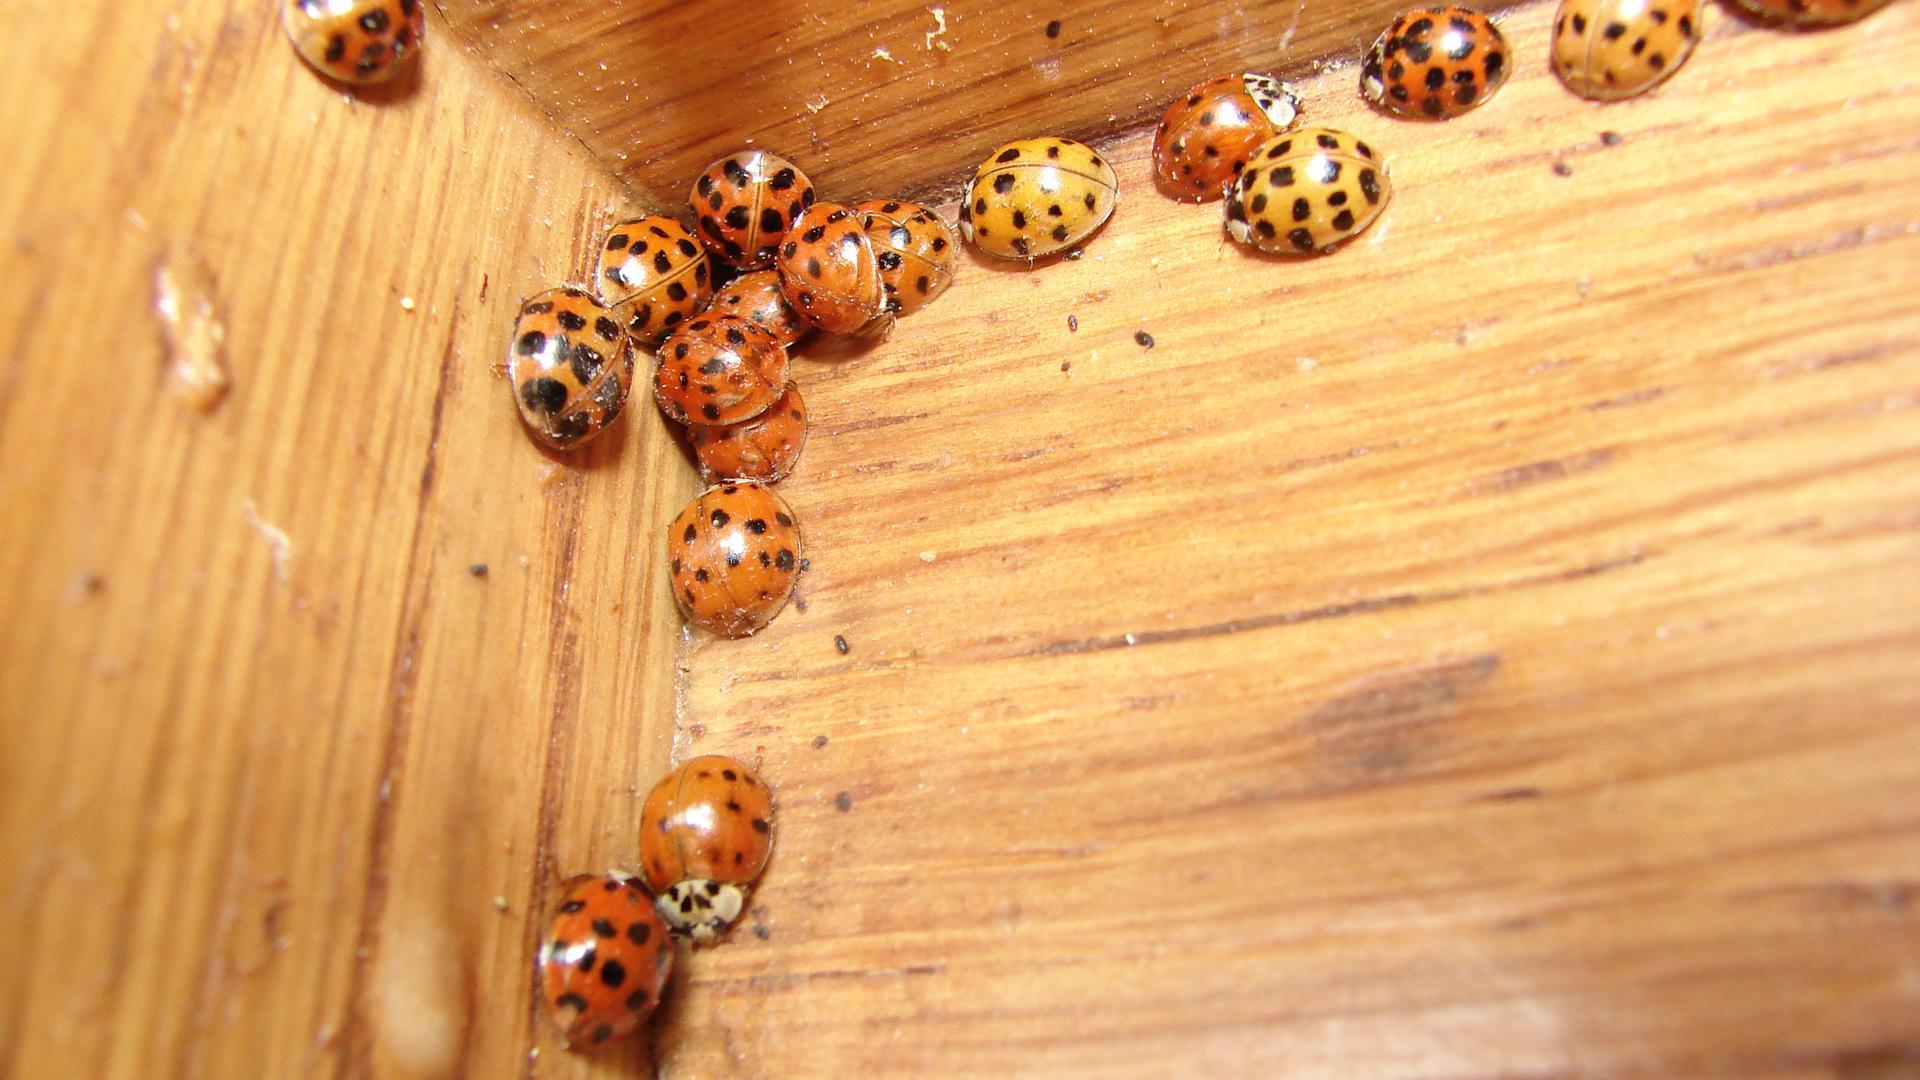 Asiatische Marienkäfer suchen Schutz vor Winter in Gartenhütte